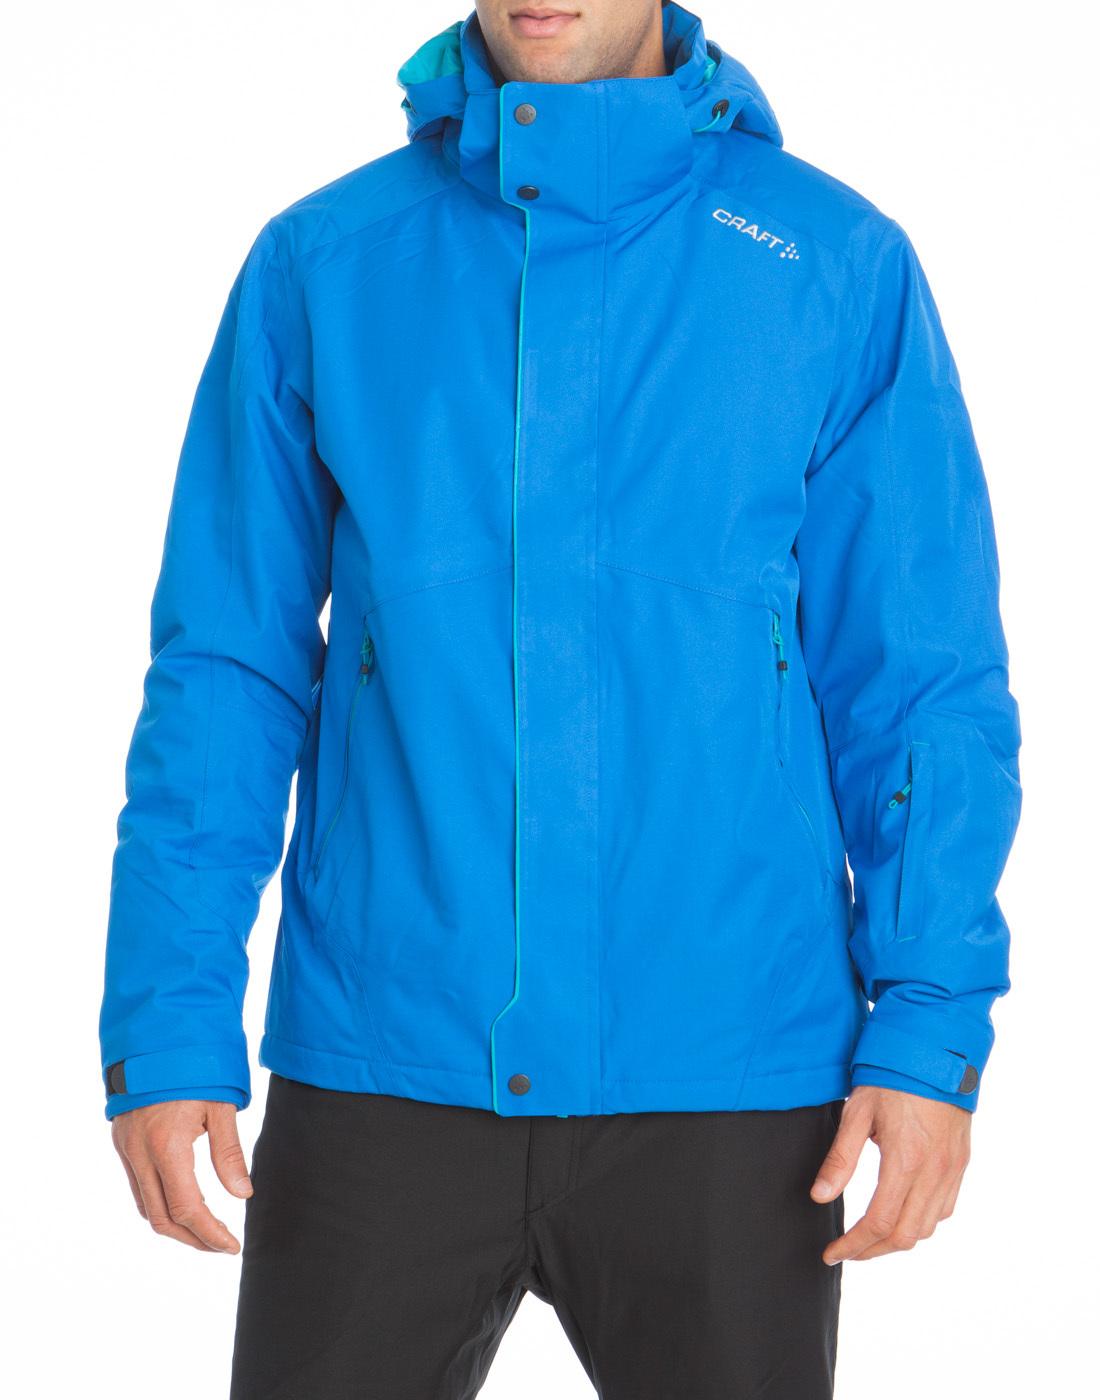 Куртка Craft Alpine Eira мужская - 6